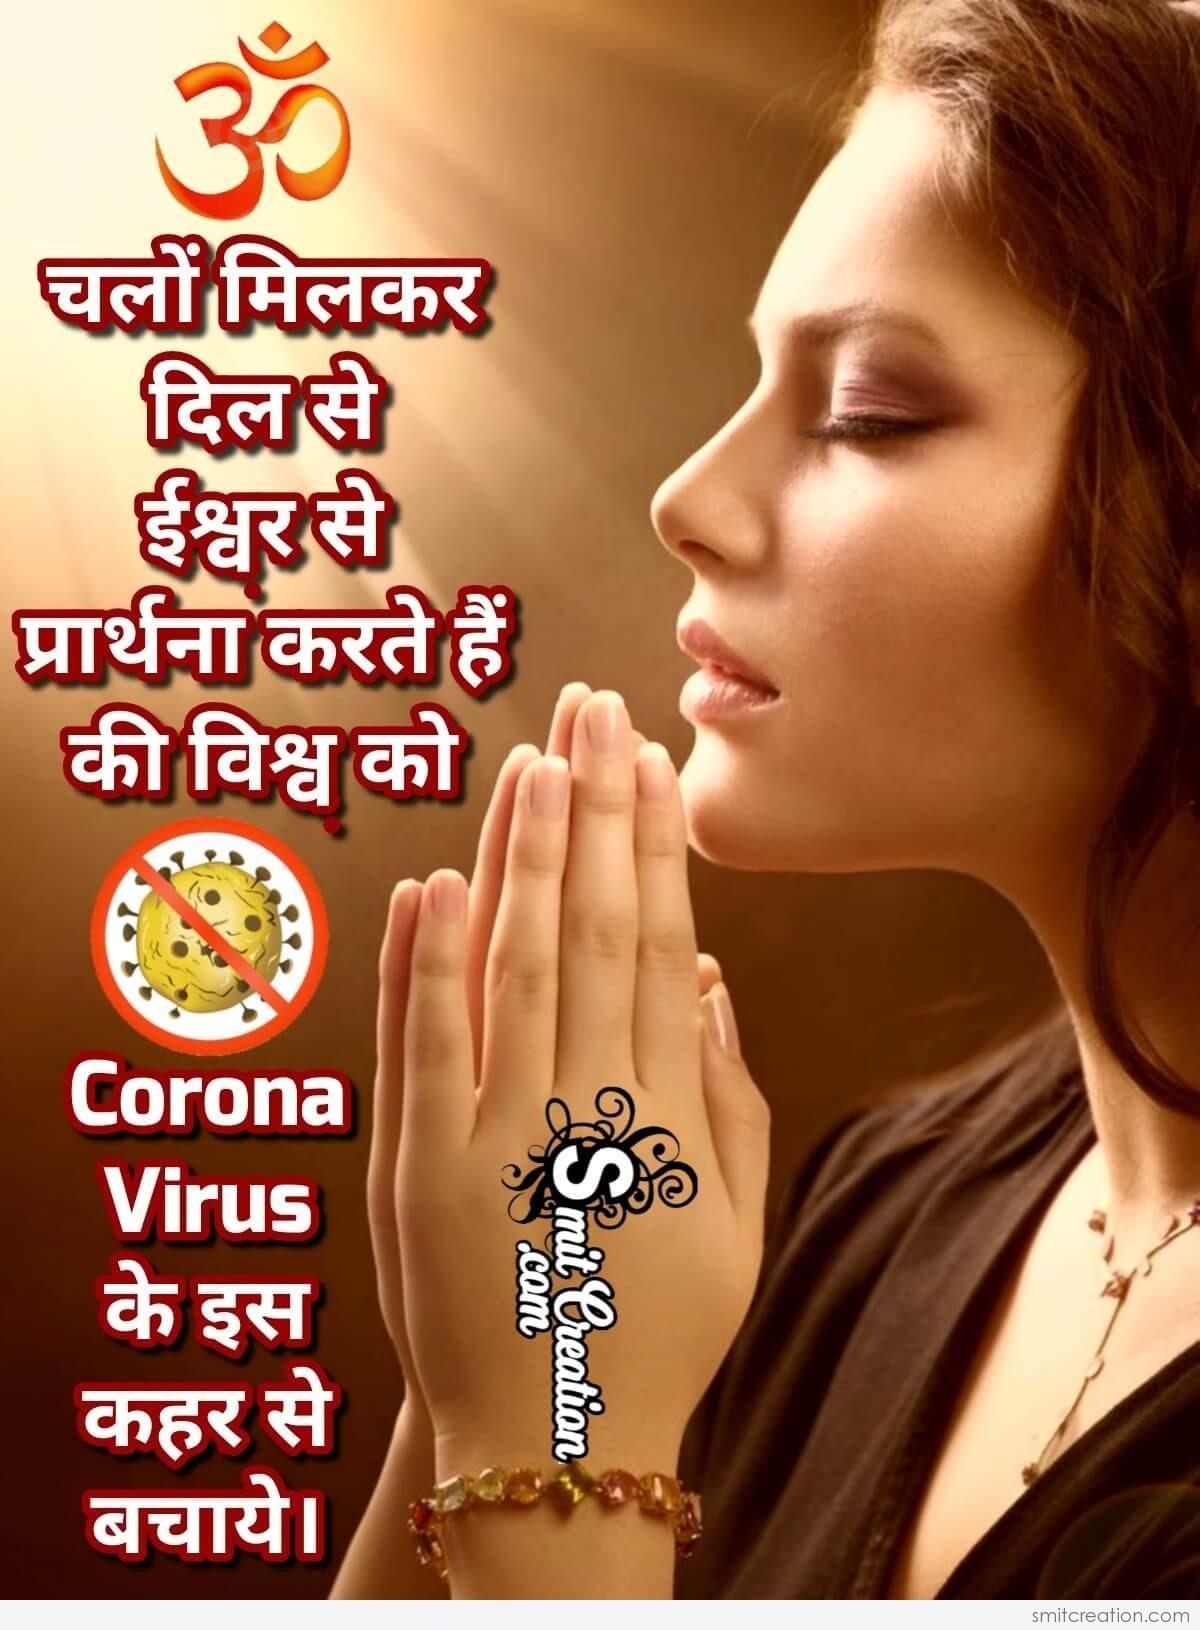 Hindi Prayer For Eradication Of Corona Virus From World ...